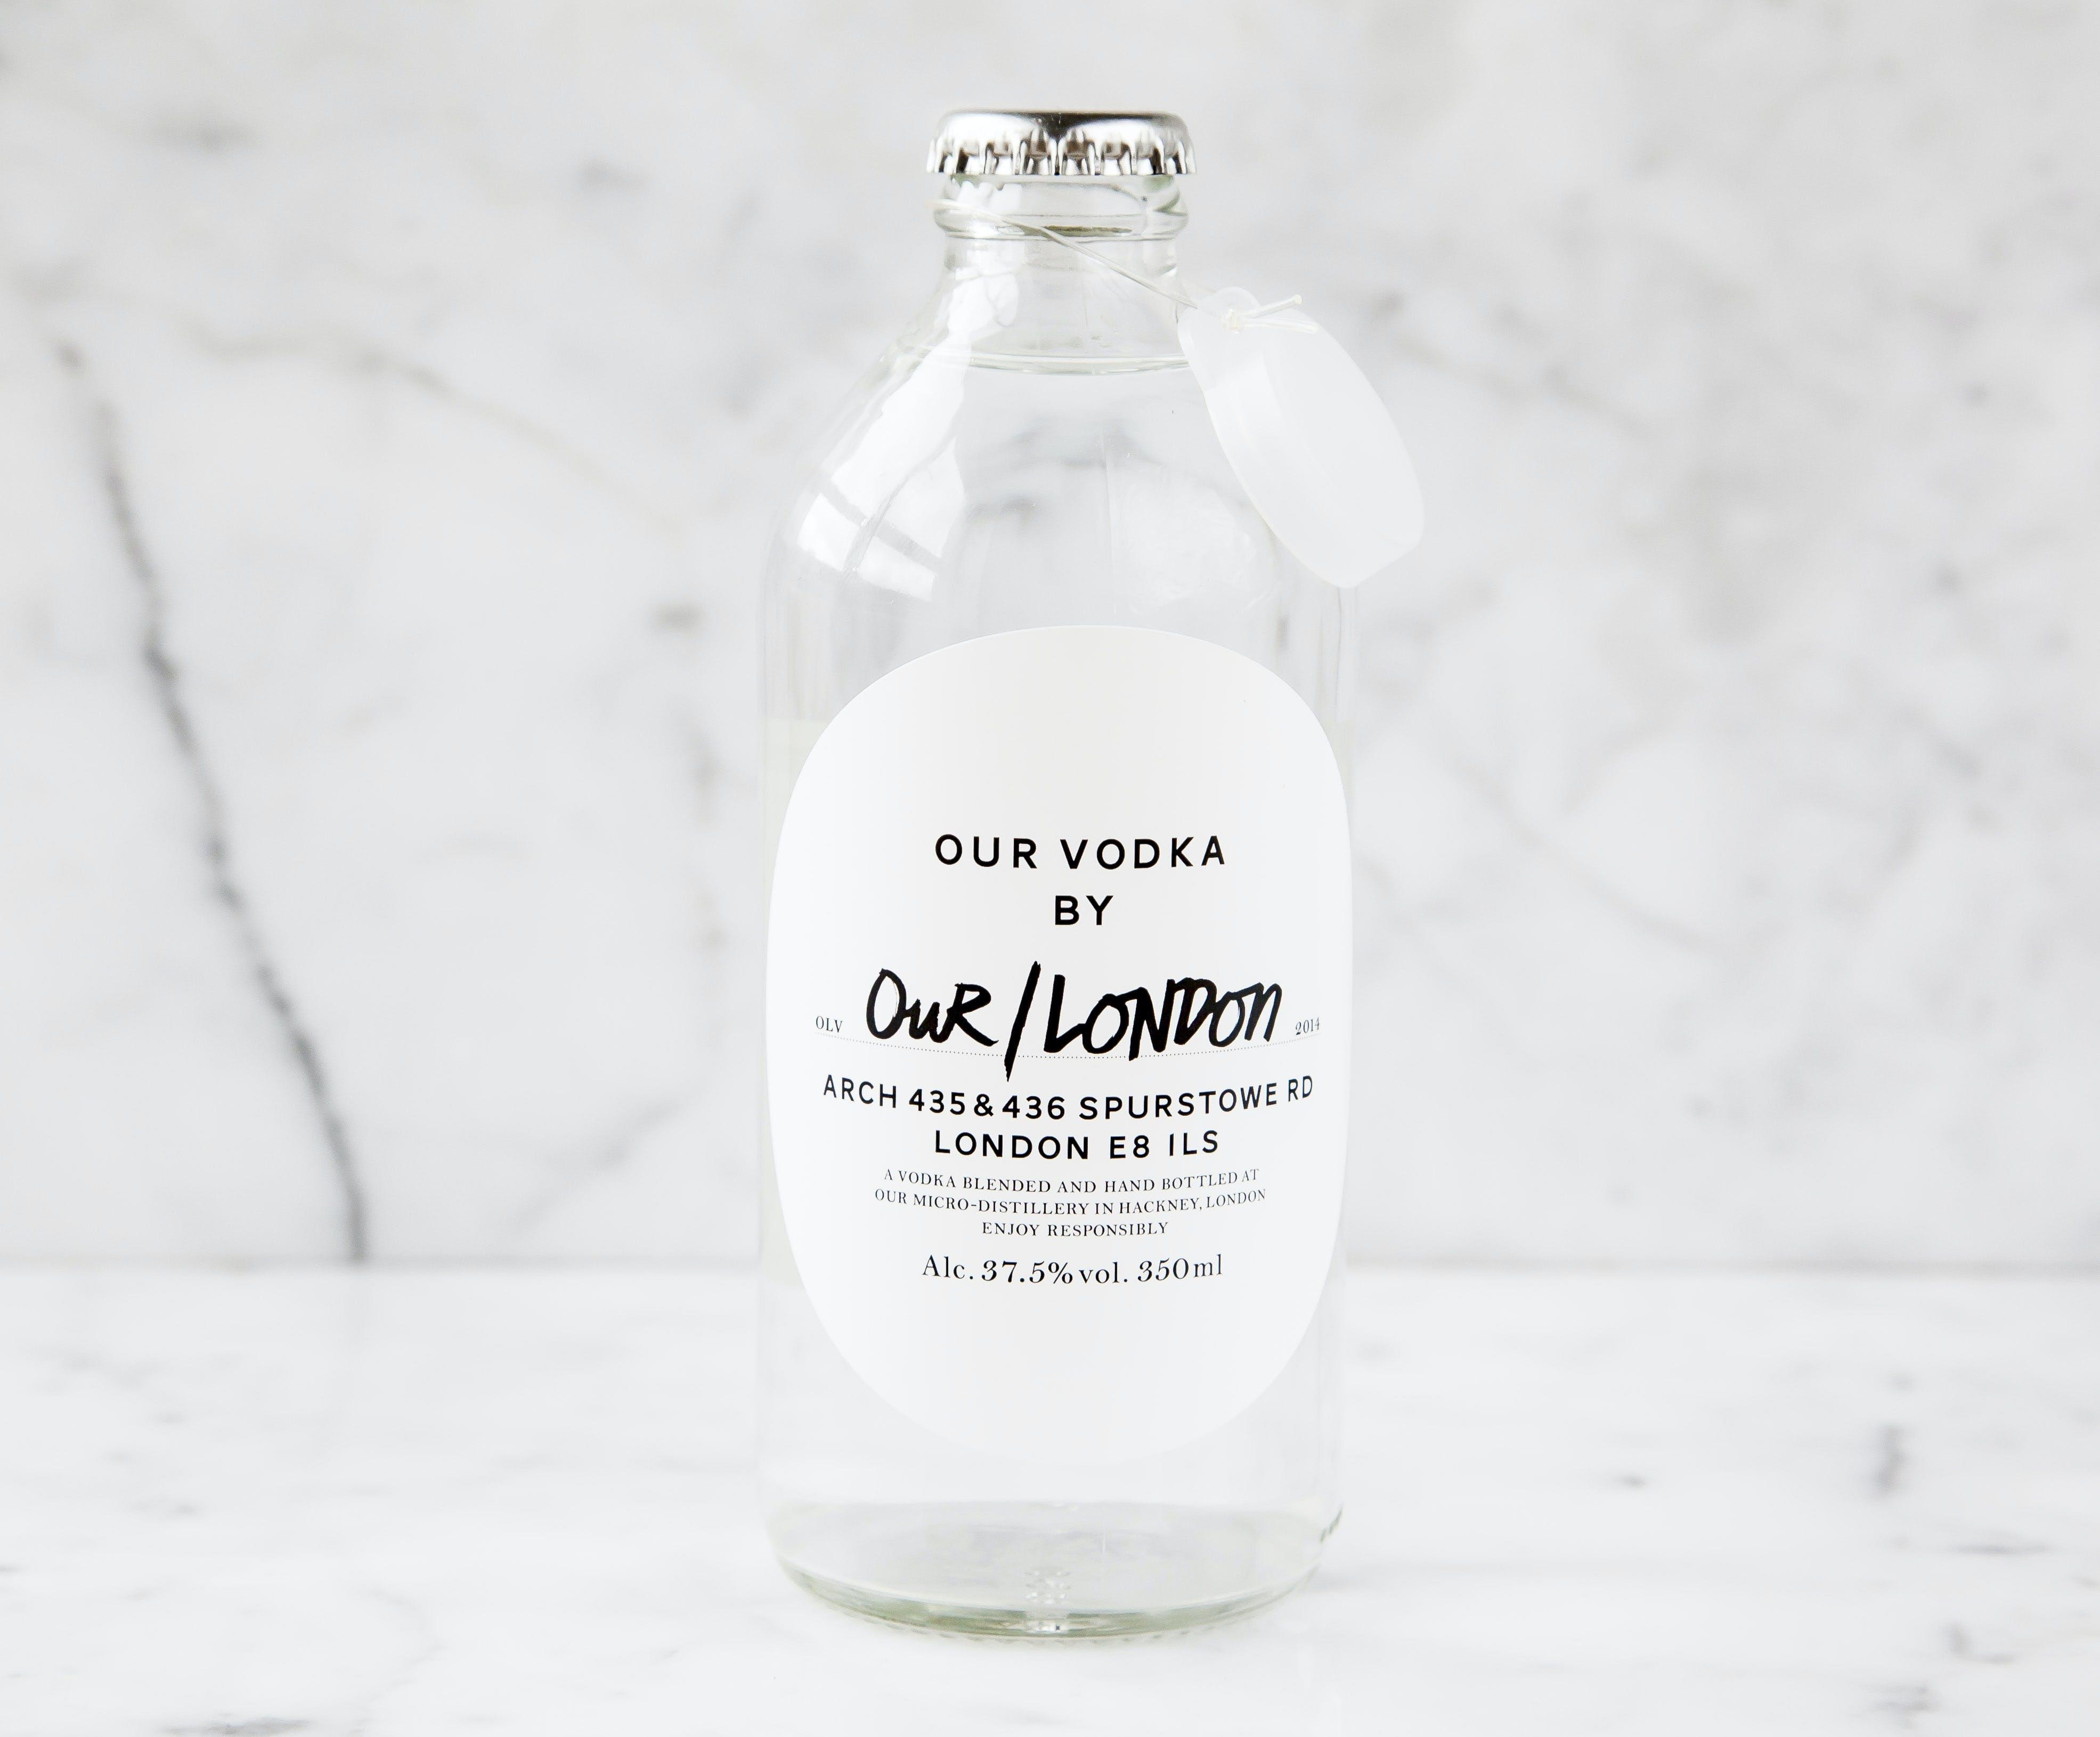 Our/London Vodka